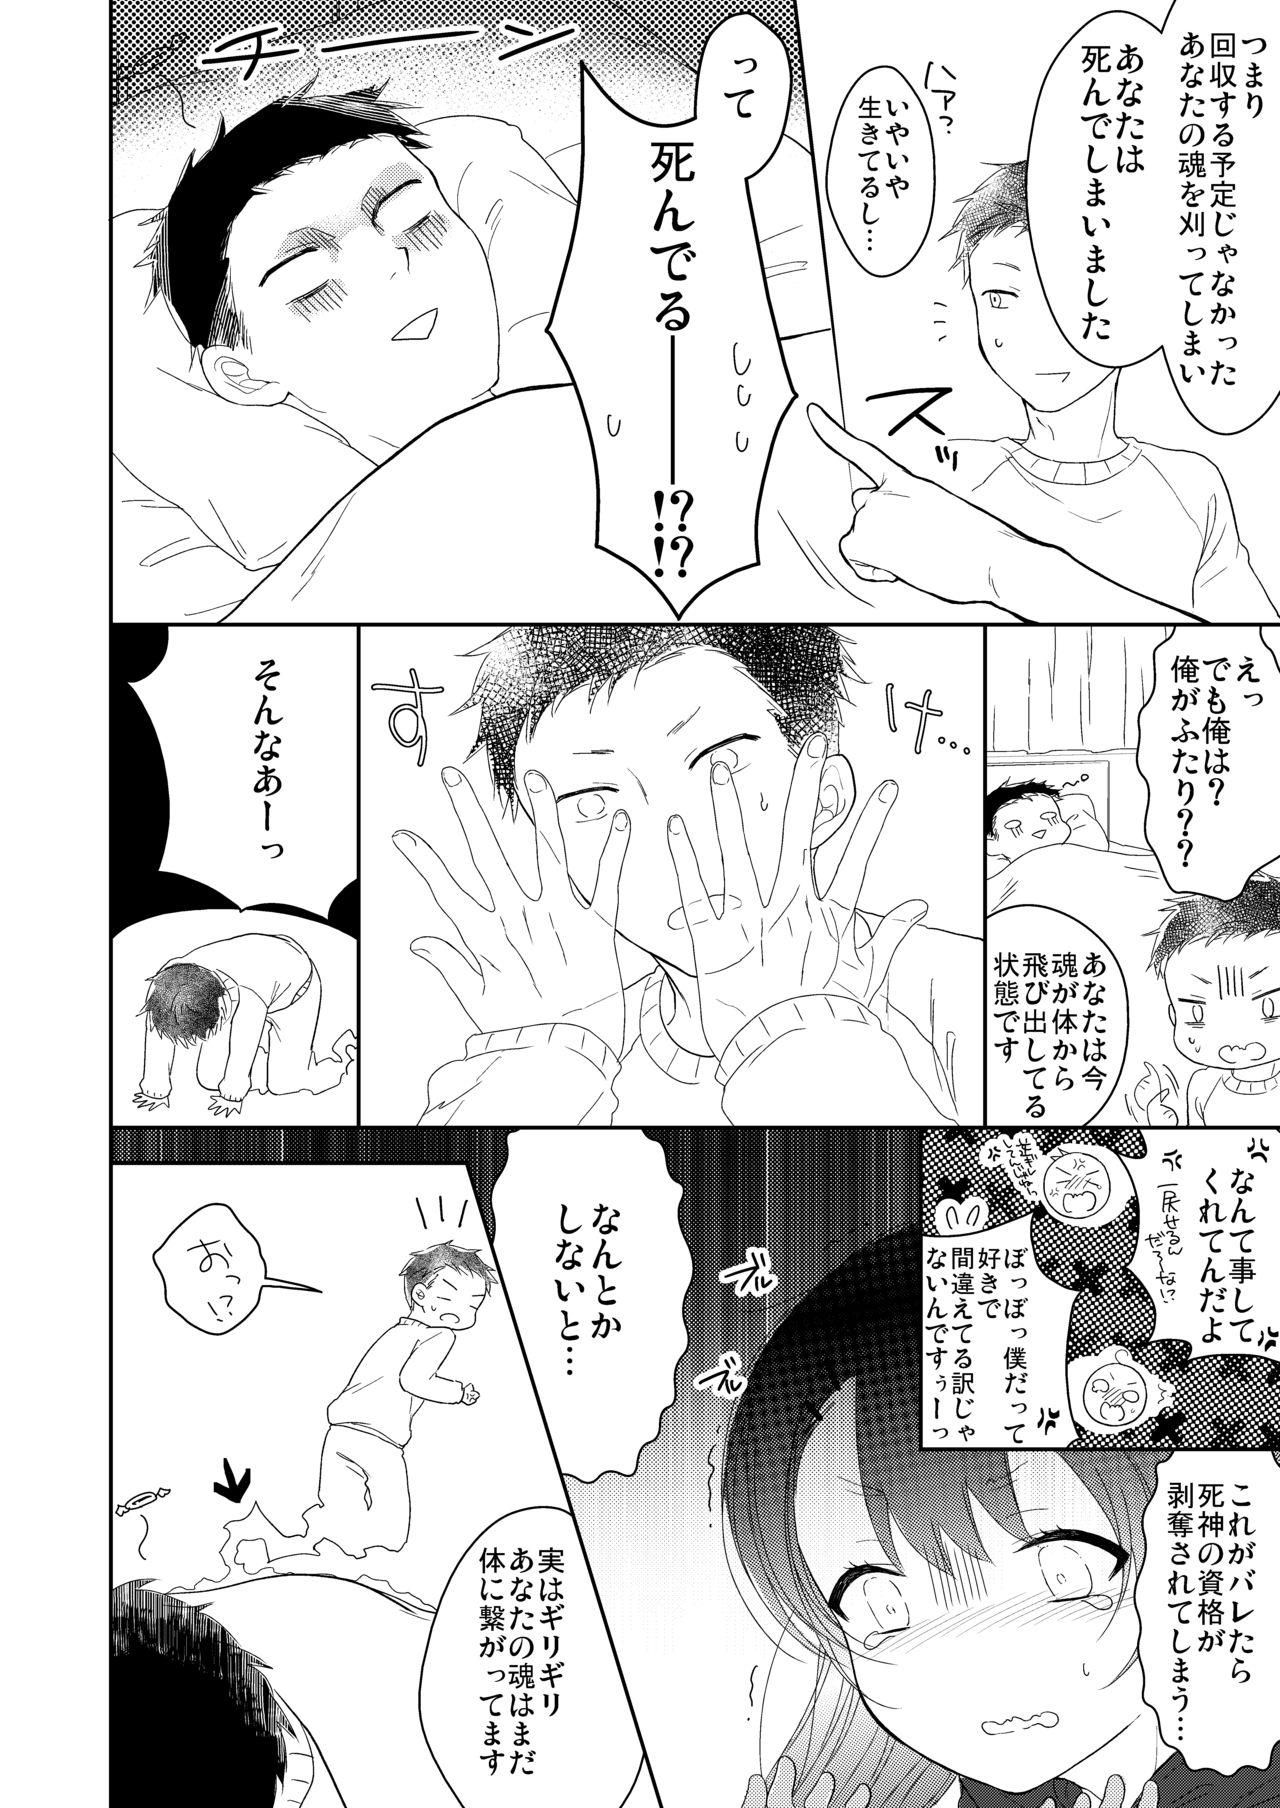 Shinigami wa Otokonoko!? 4